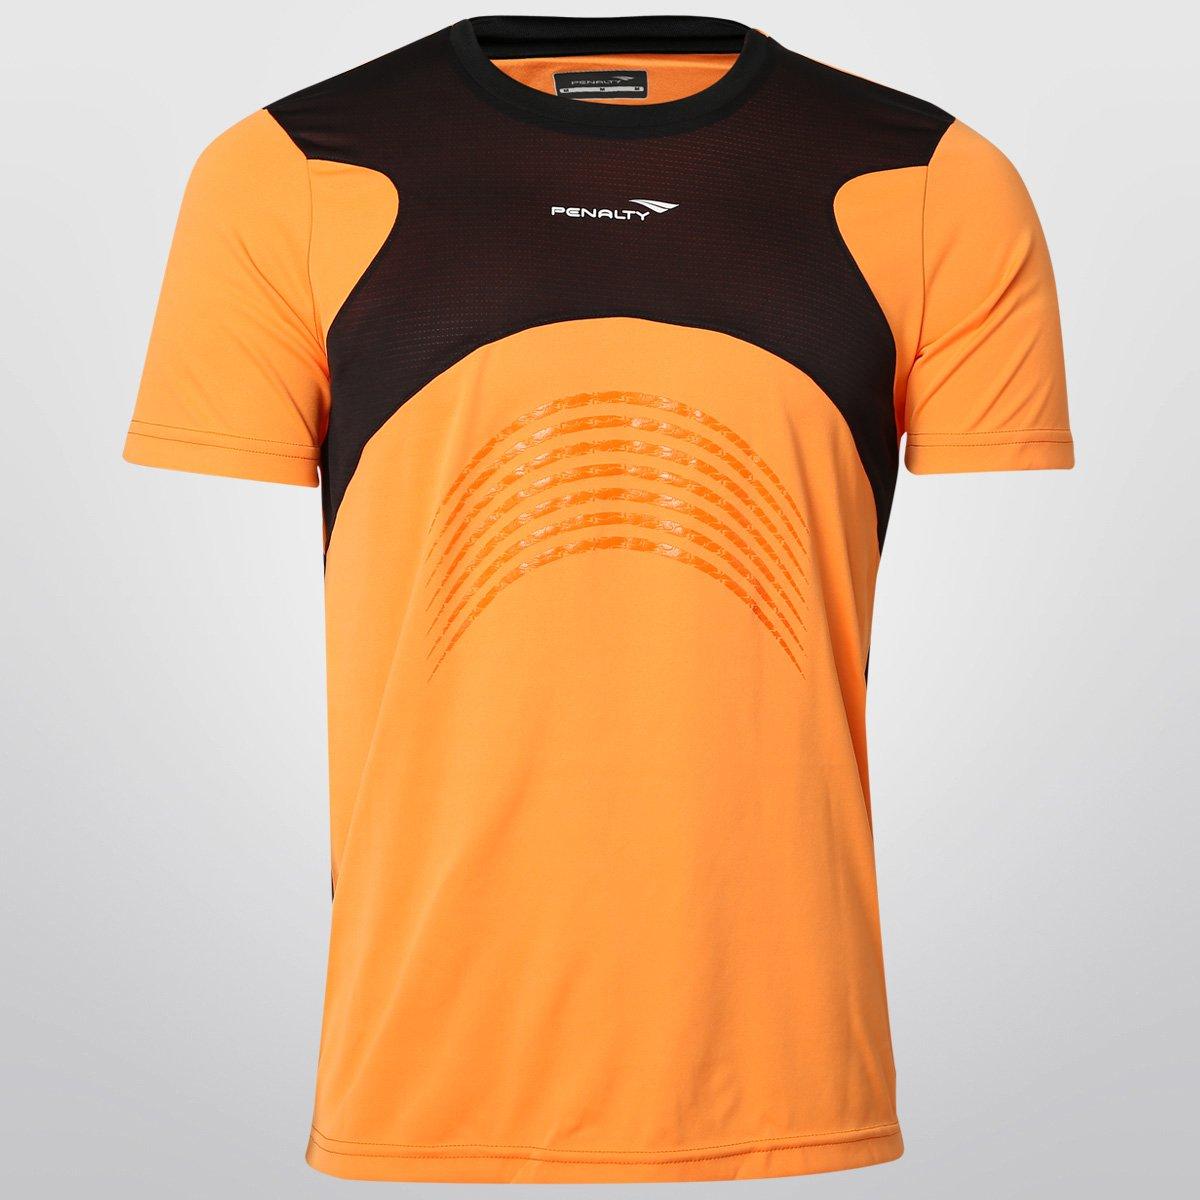 Camisa Penalty Matís 12 Goleiro M C - Compre Agora  7a10e98dc4e1d